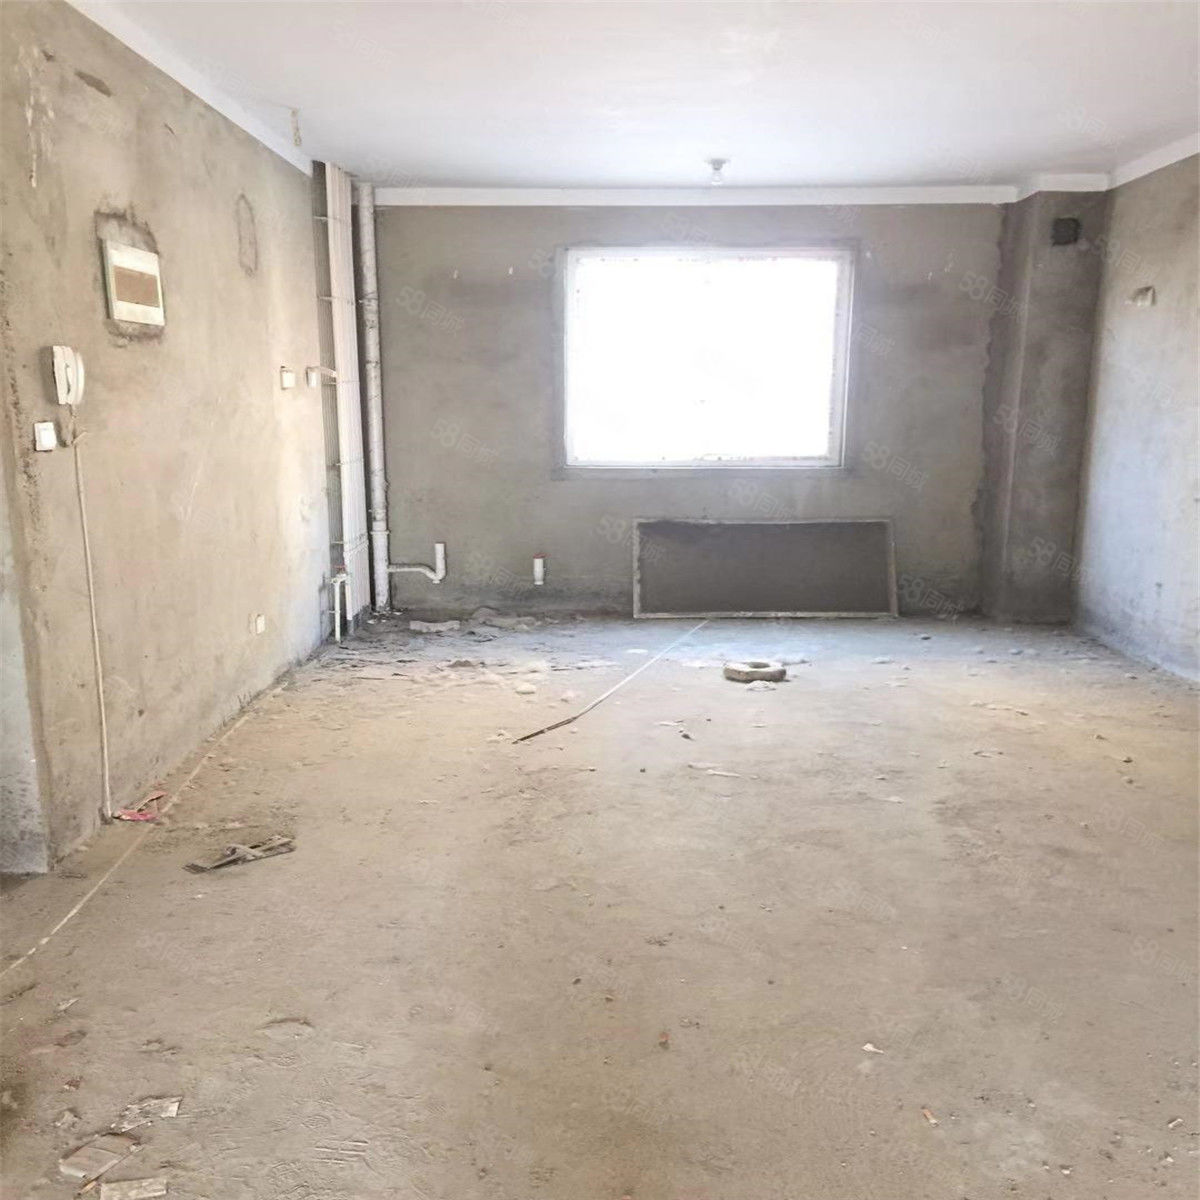 毛坯3室2厅2卫1阳台地铁沿线超值因房子